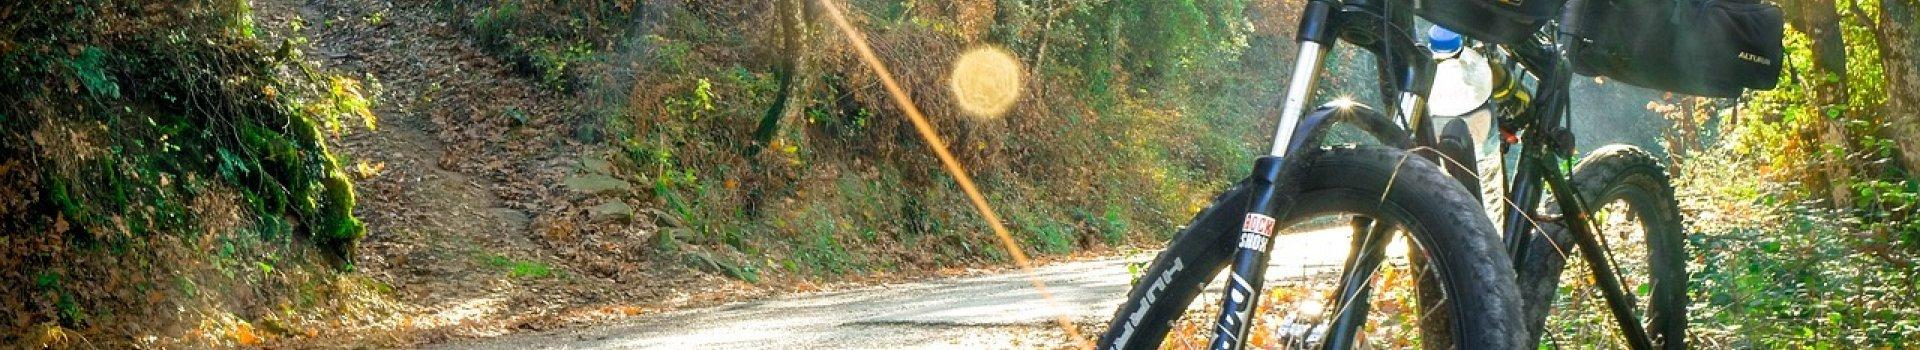 Jesień i zima na rowerze – jak się ubrać?